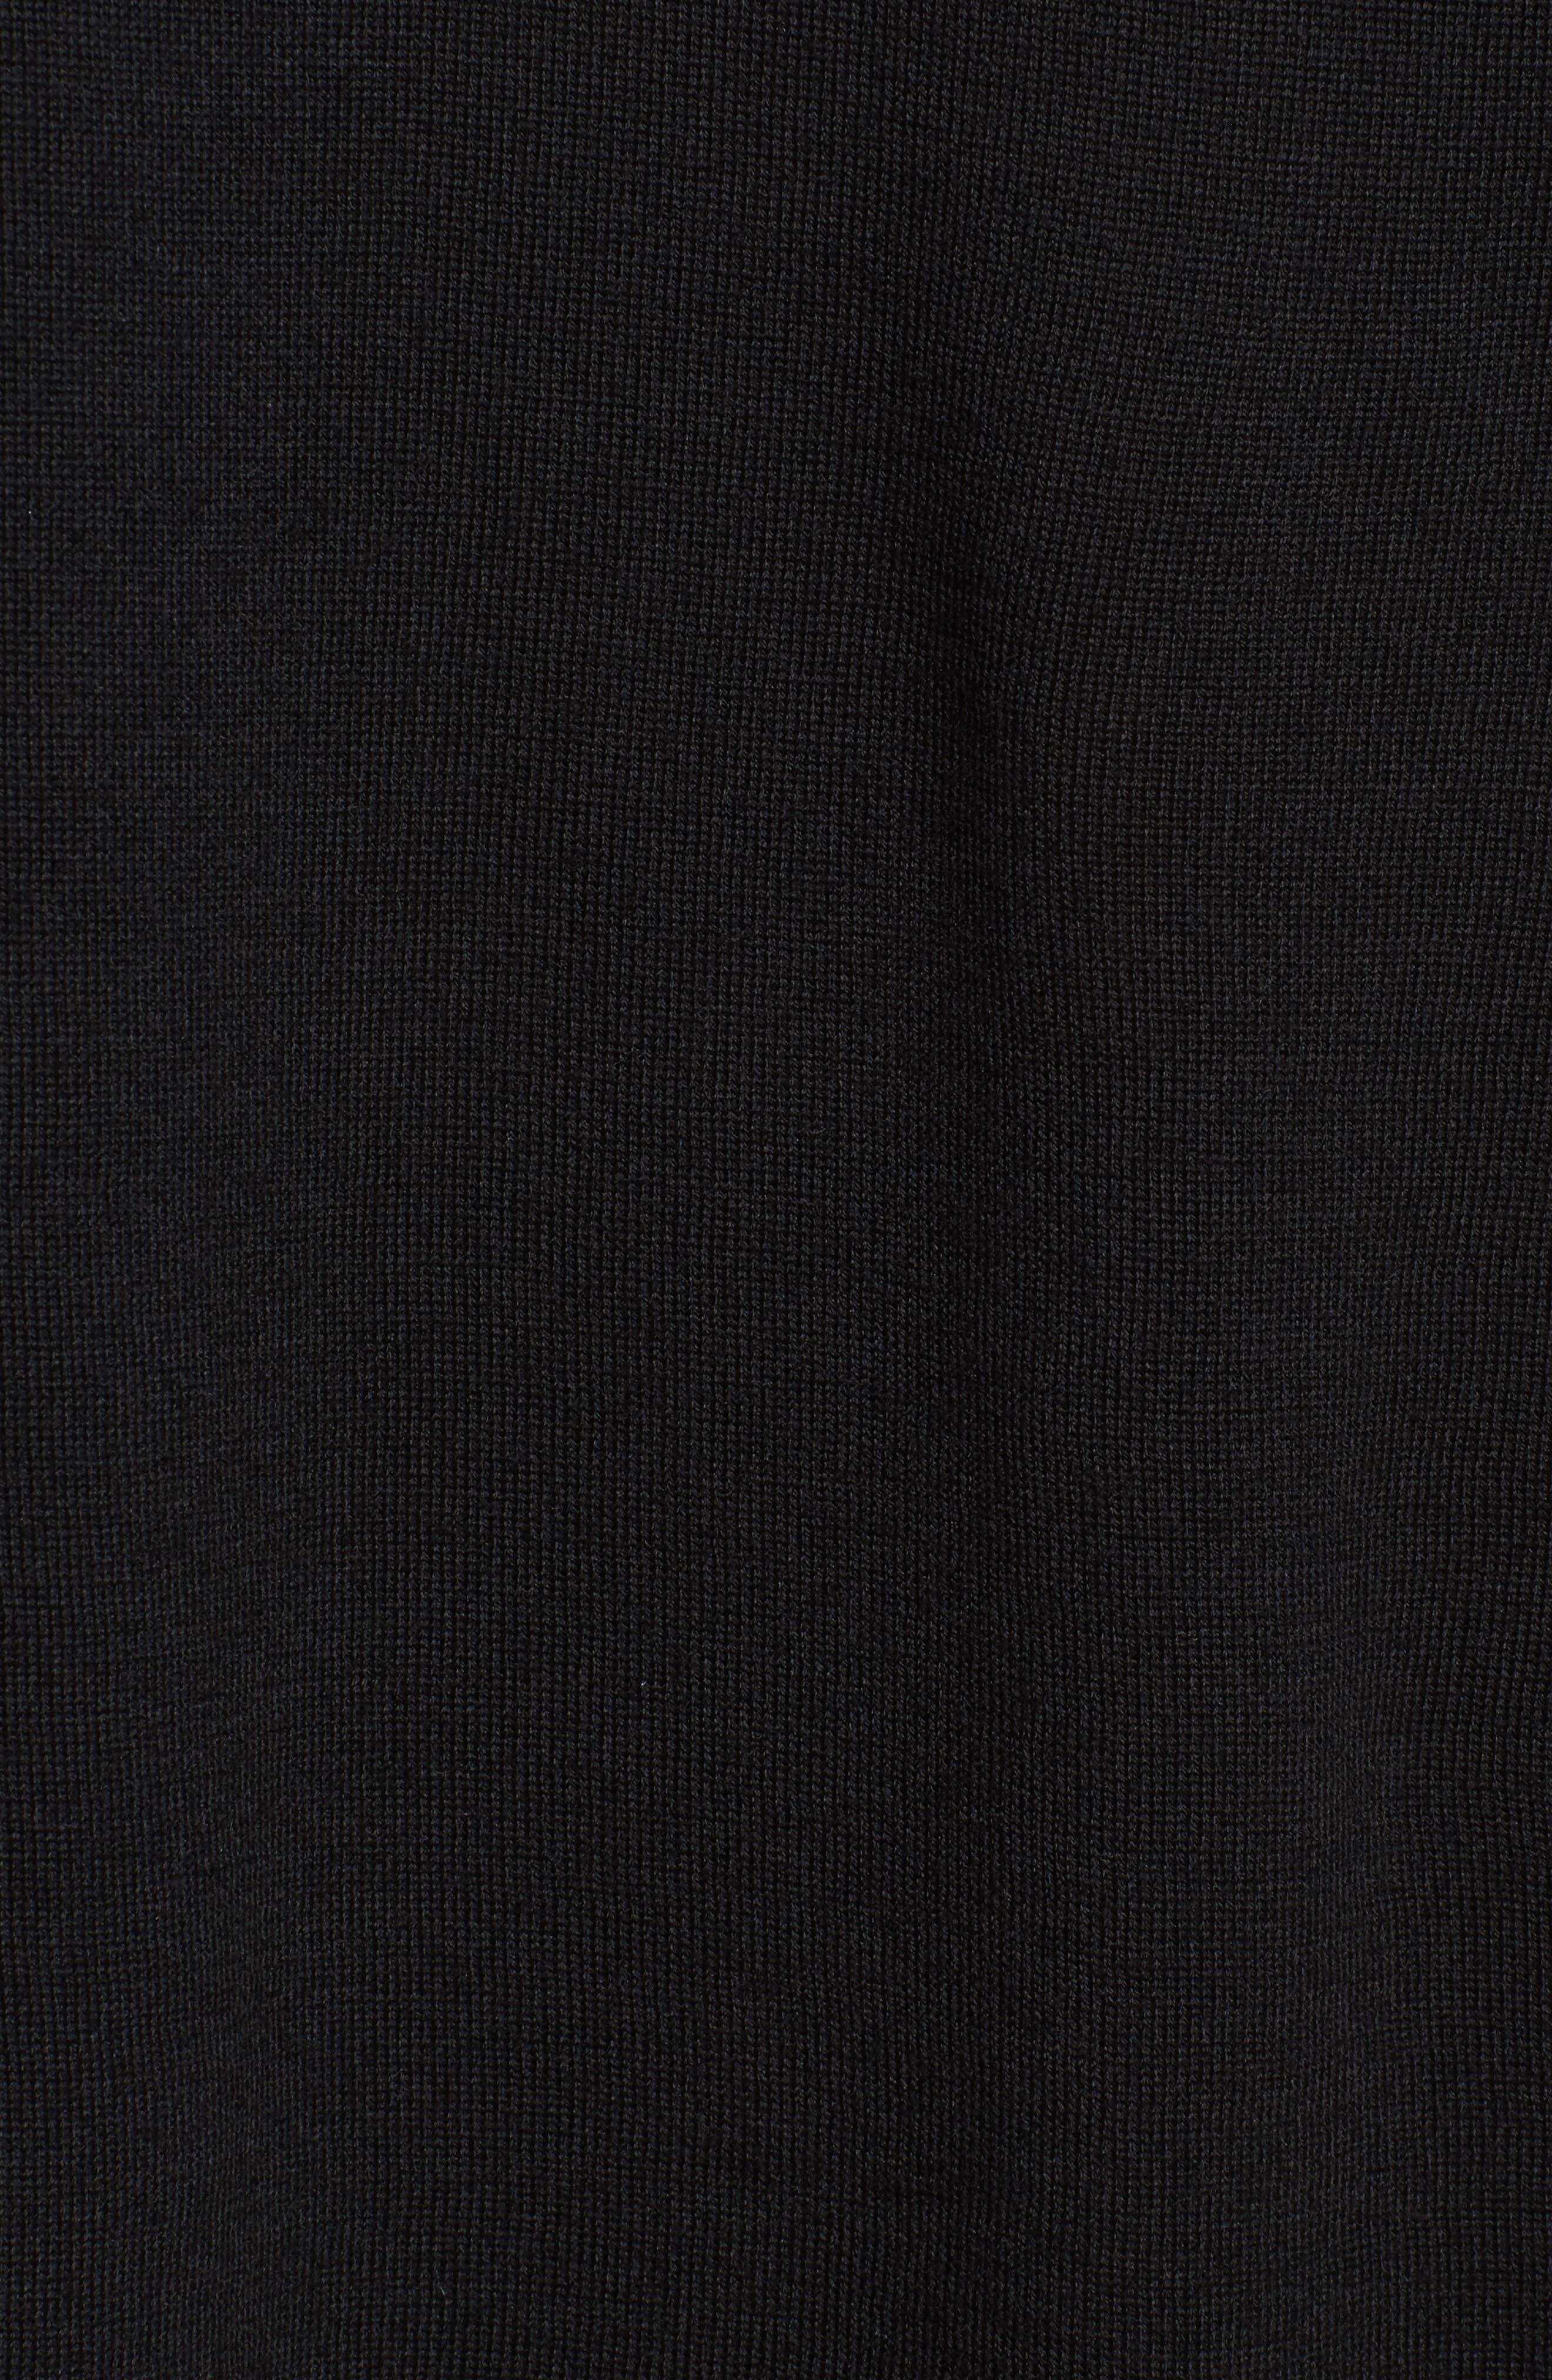 Merino Wool Reversible Hoodie,                             Alternate thumbnail 6, color,                             Black